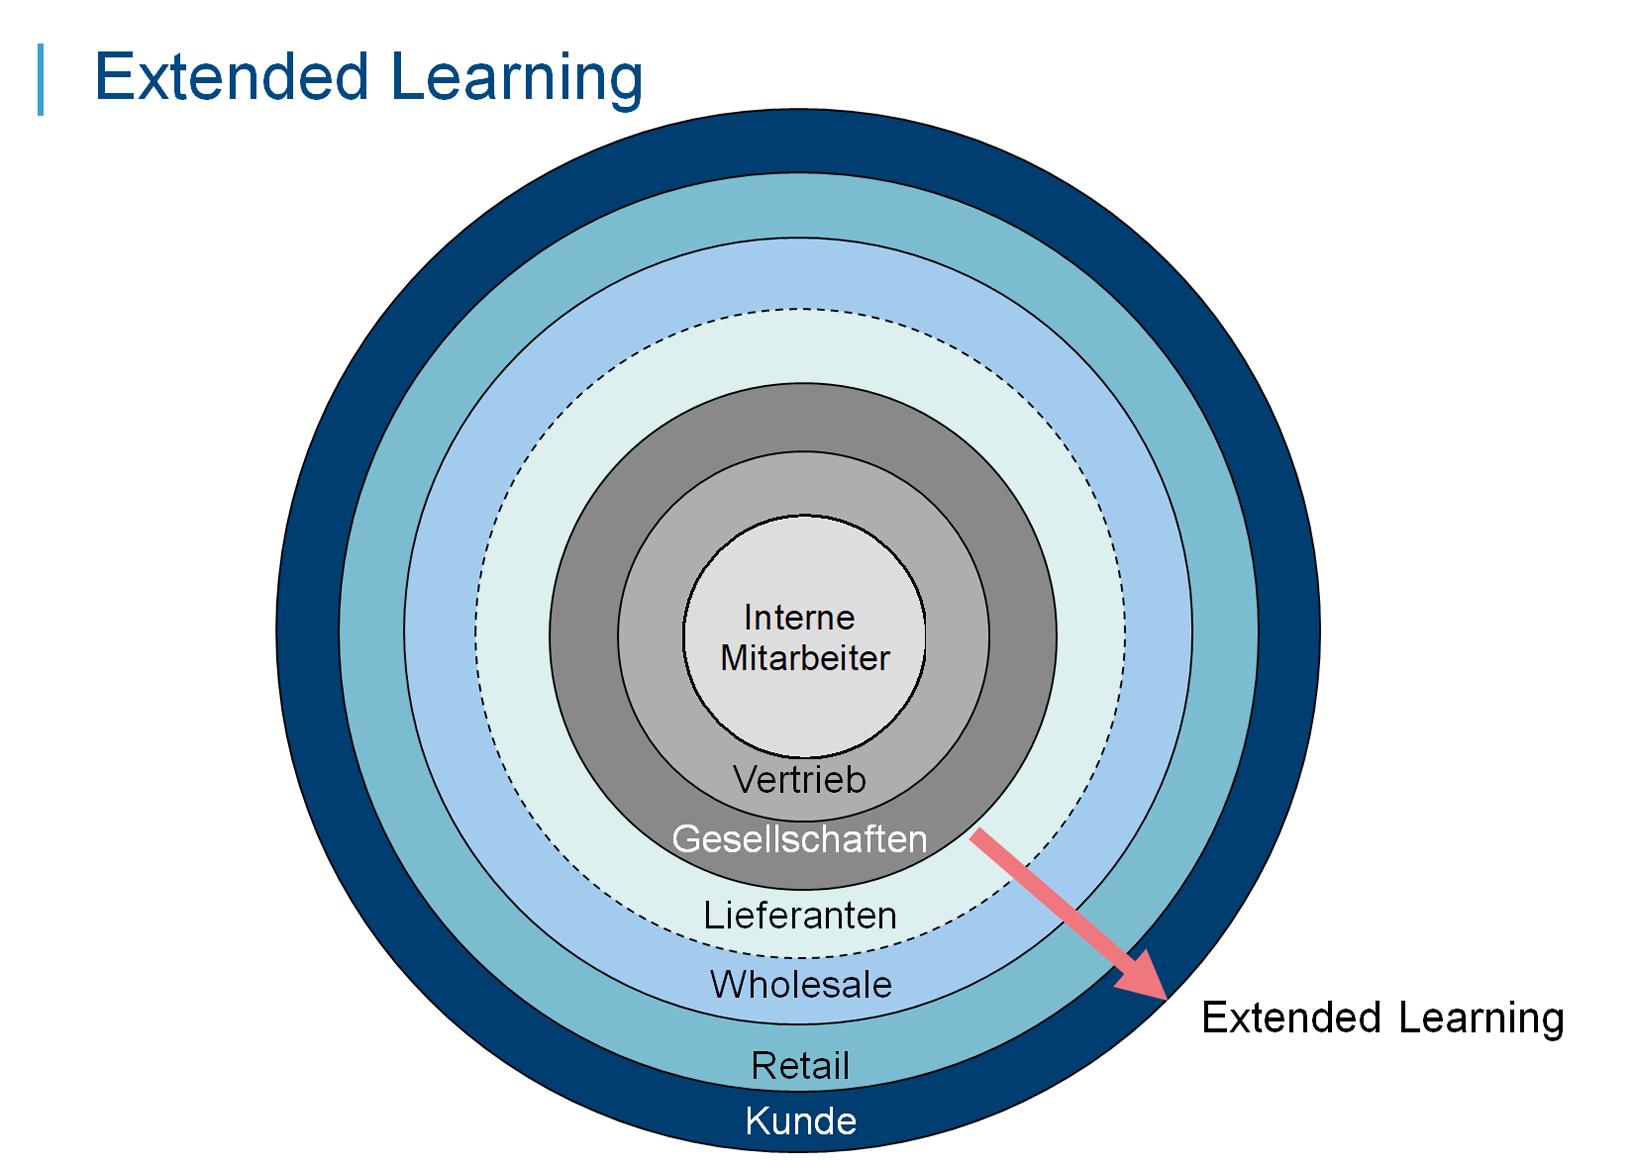 Extended Learning - Wenn Lerner auch außerhalb der Unternehmensgrenzen sind